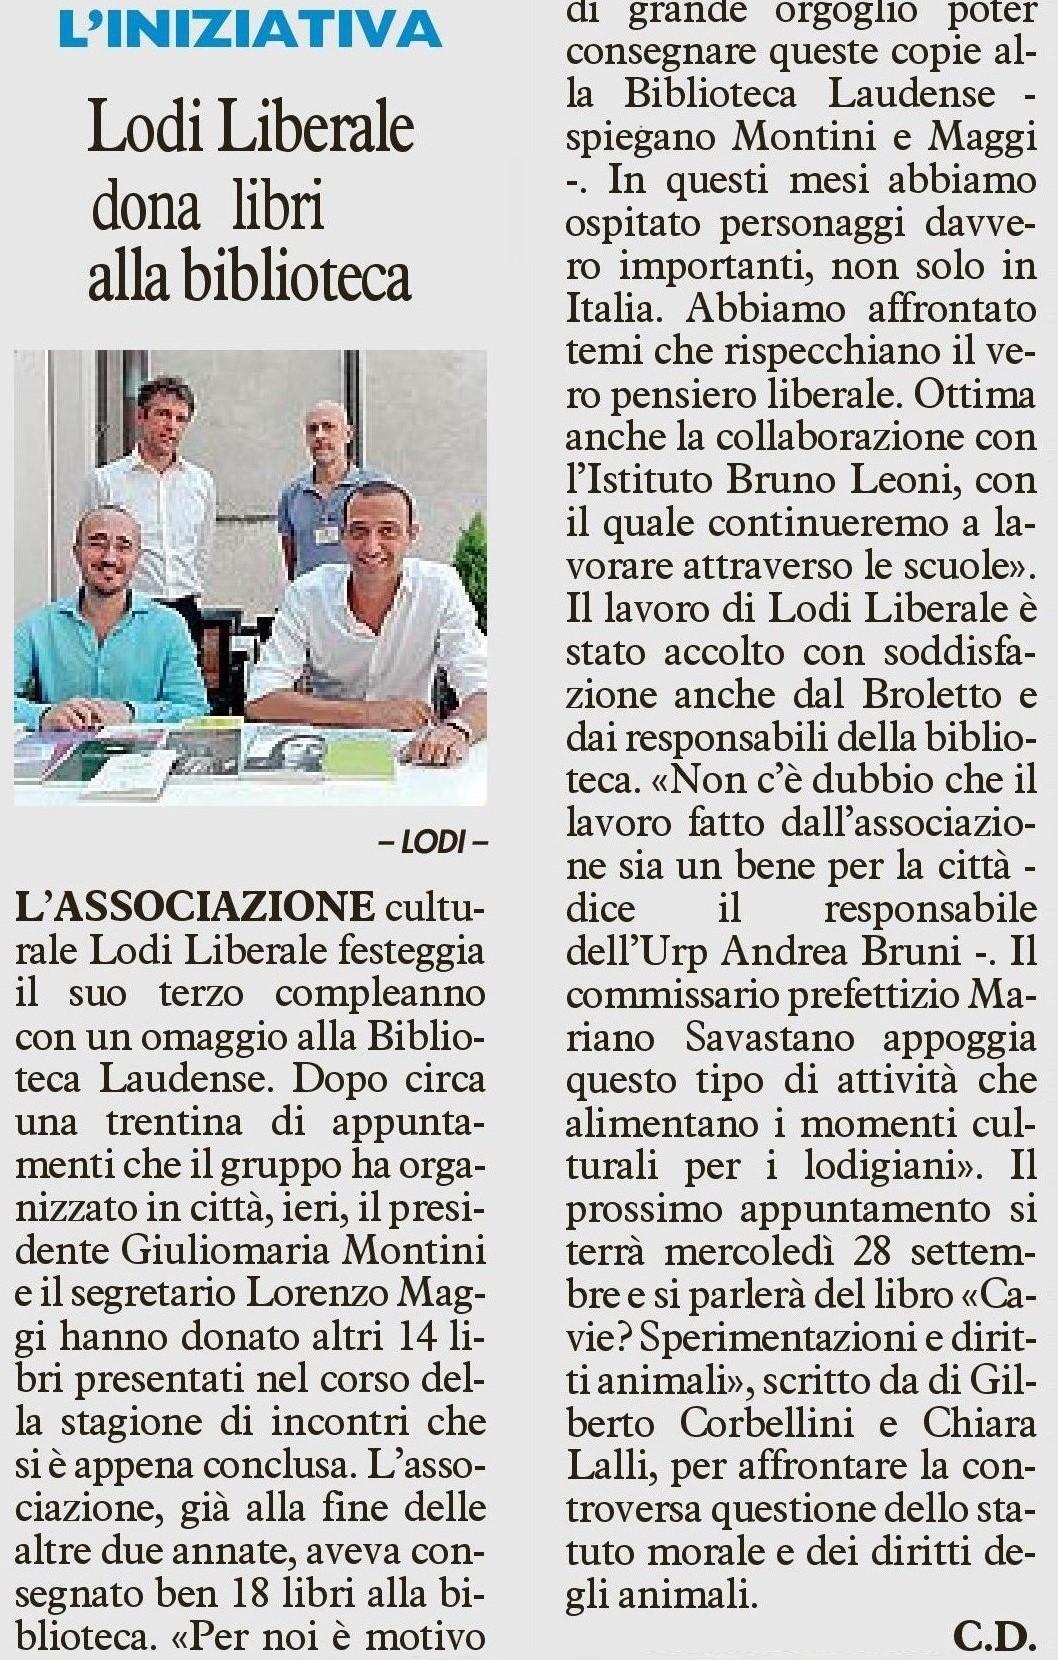 Associazione Lodi Liberale Il Cittadino Donazione libri Biblioteca 2016 Lorenzo Maggi, Giuliomaria Montini-page-001